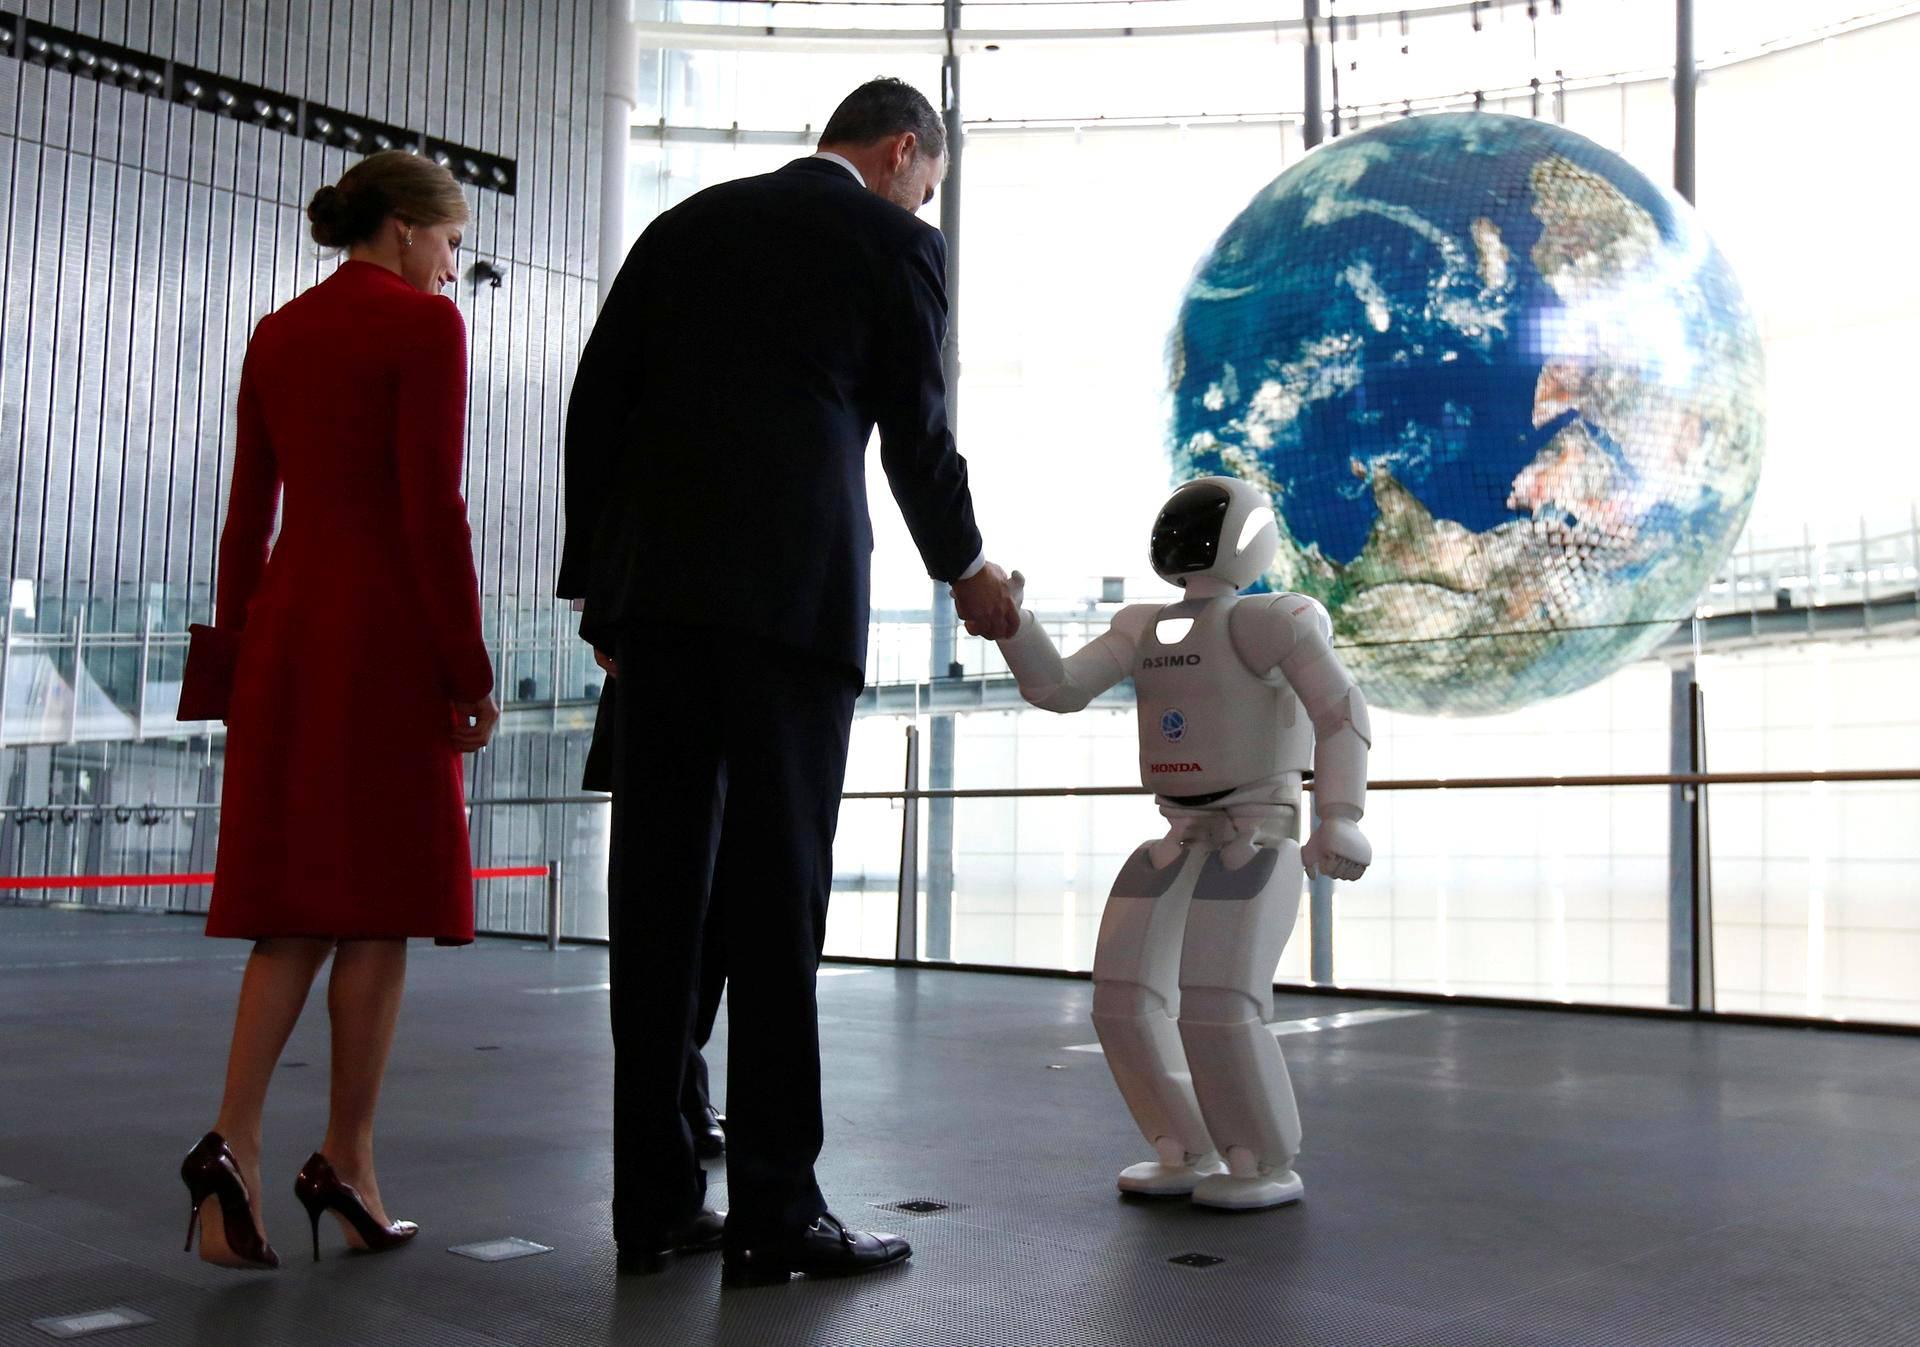 Espanjan kuningas Felipe ja kuningatar Letizia kättelivät Hondan humanoidirobotti Asimoa Tokiossa.